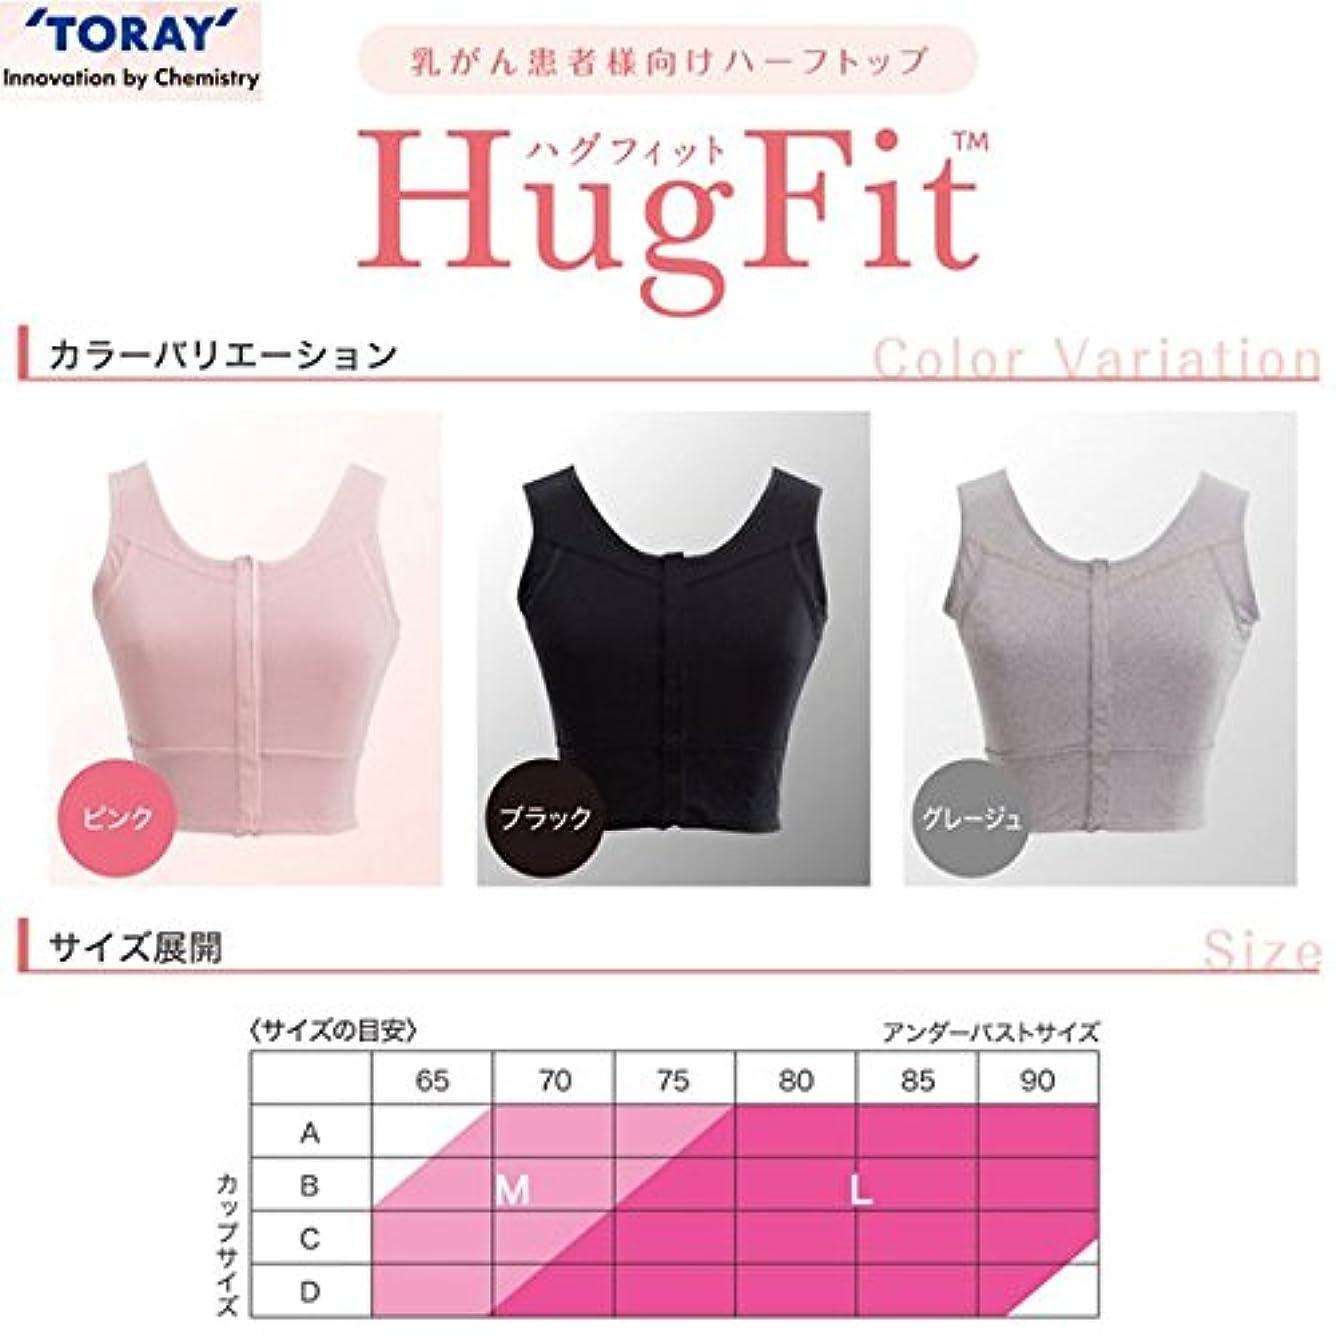 ハグフィット HugFit ピンク Mサイズ 東レ?メディカル